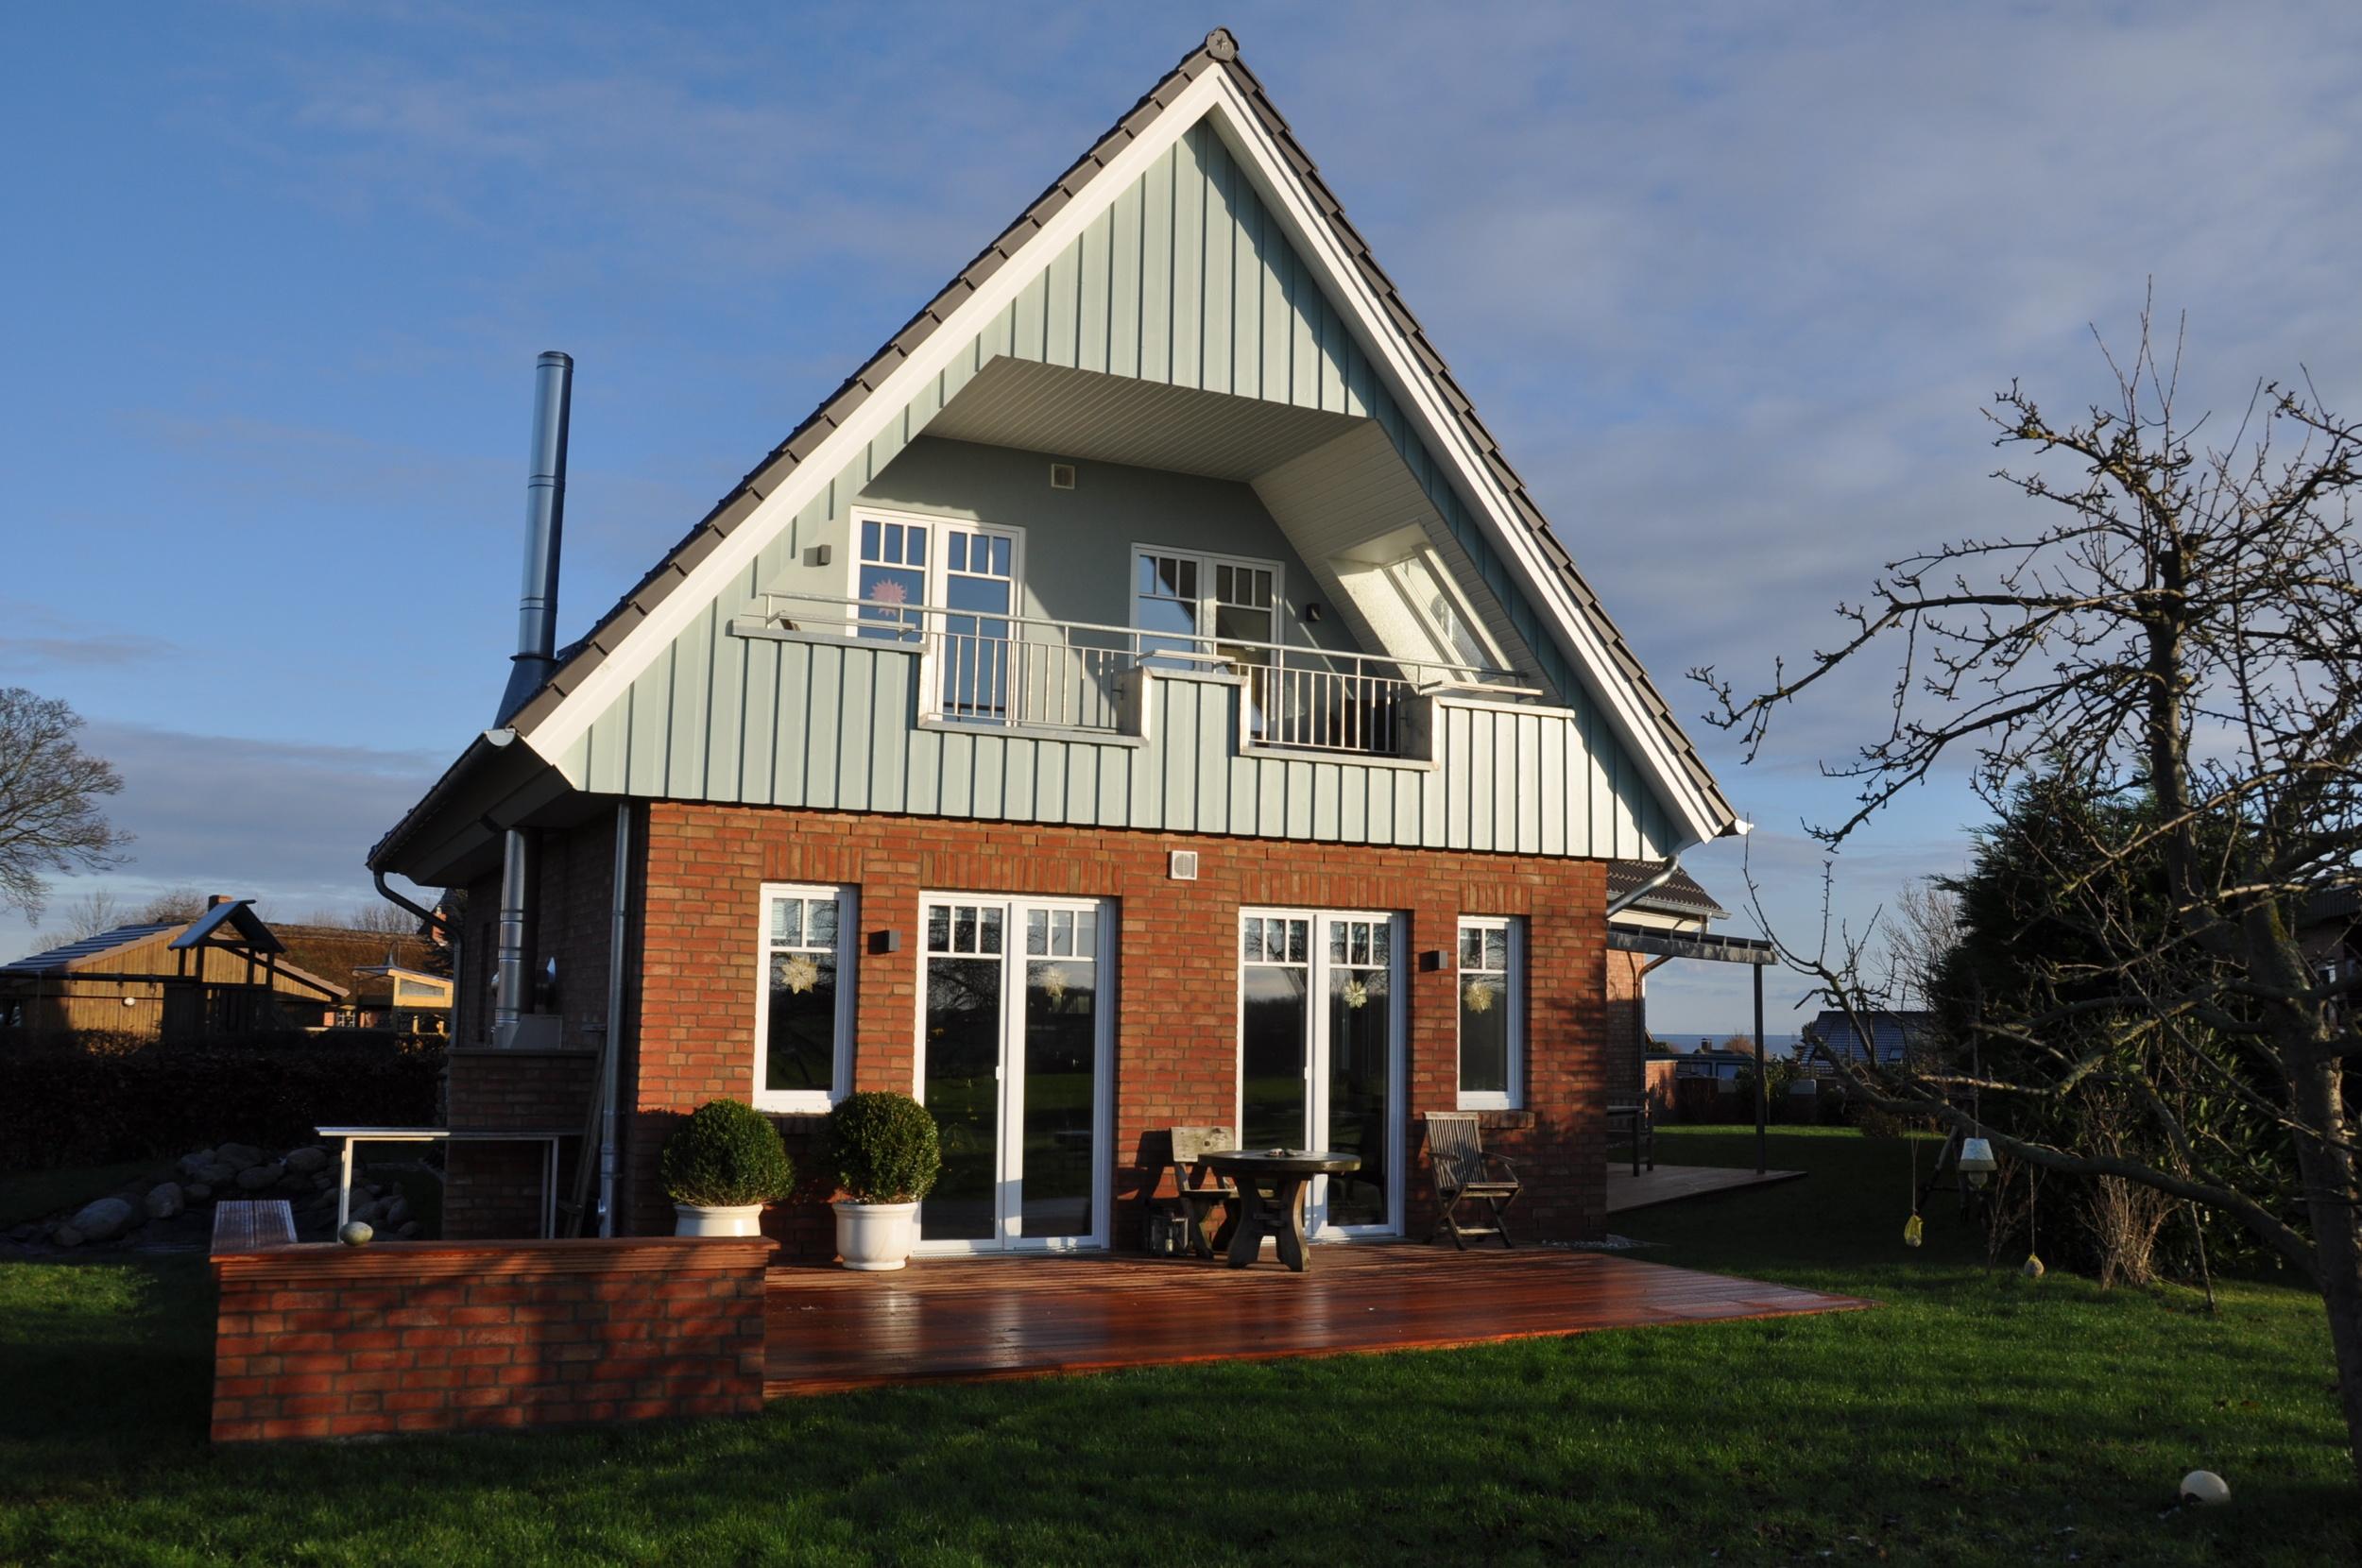 LIGNE ARCHITEKTEN - Wohnhaus in Schleswig-Holstein-00002.JPG